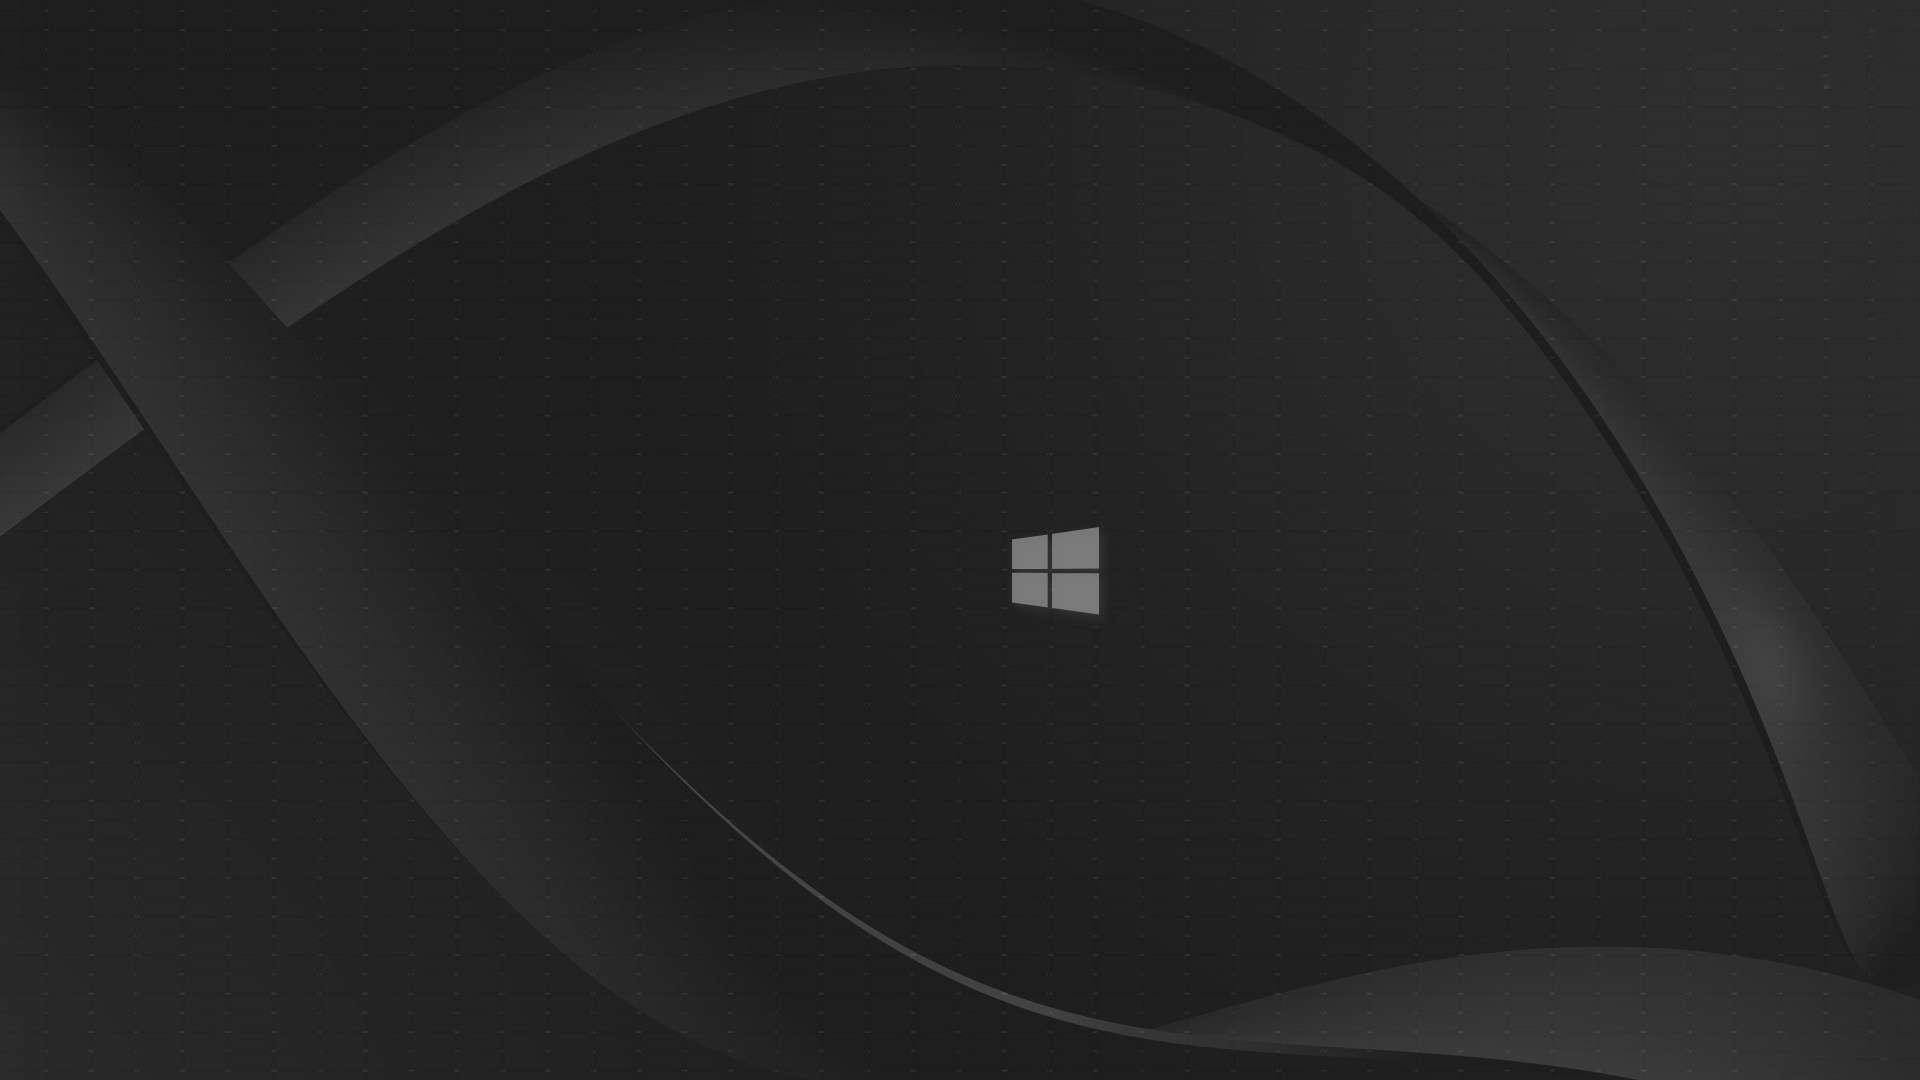 Wallpaper Windows 10 Black Wallpaper HD 1080p Upload at January 7 1920x1080